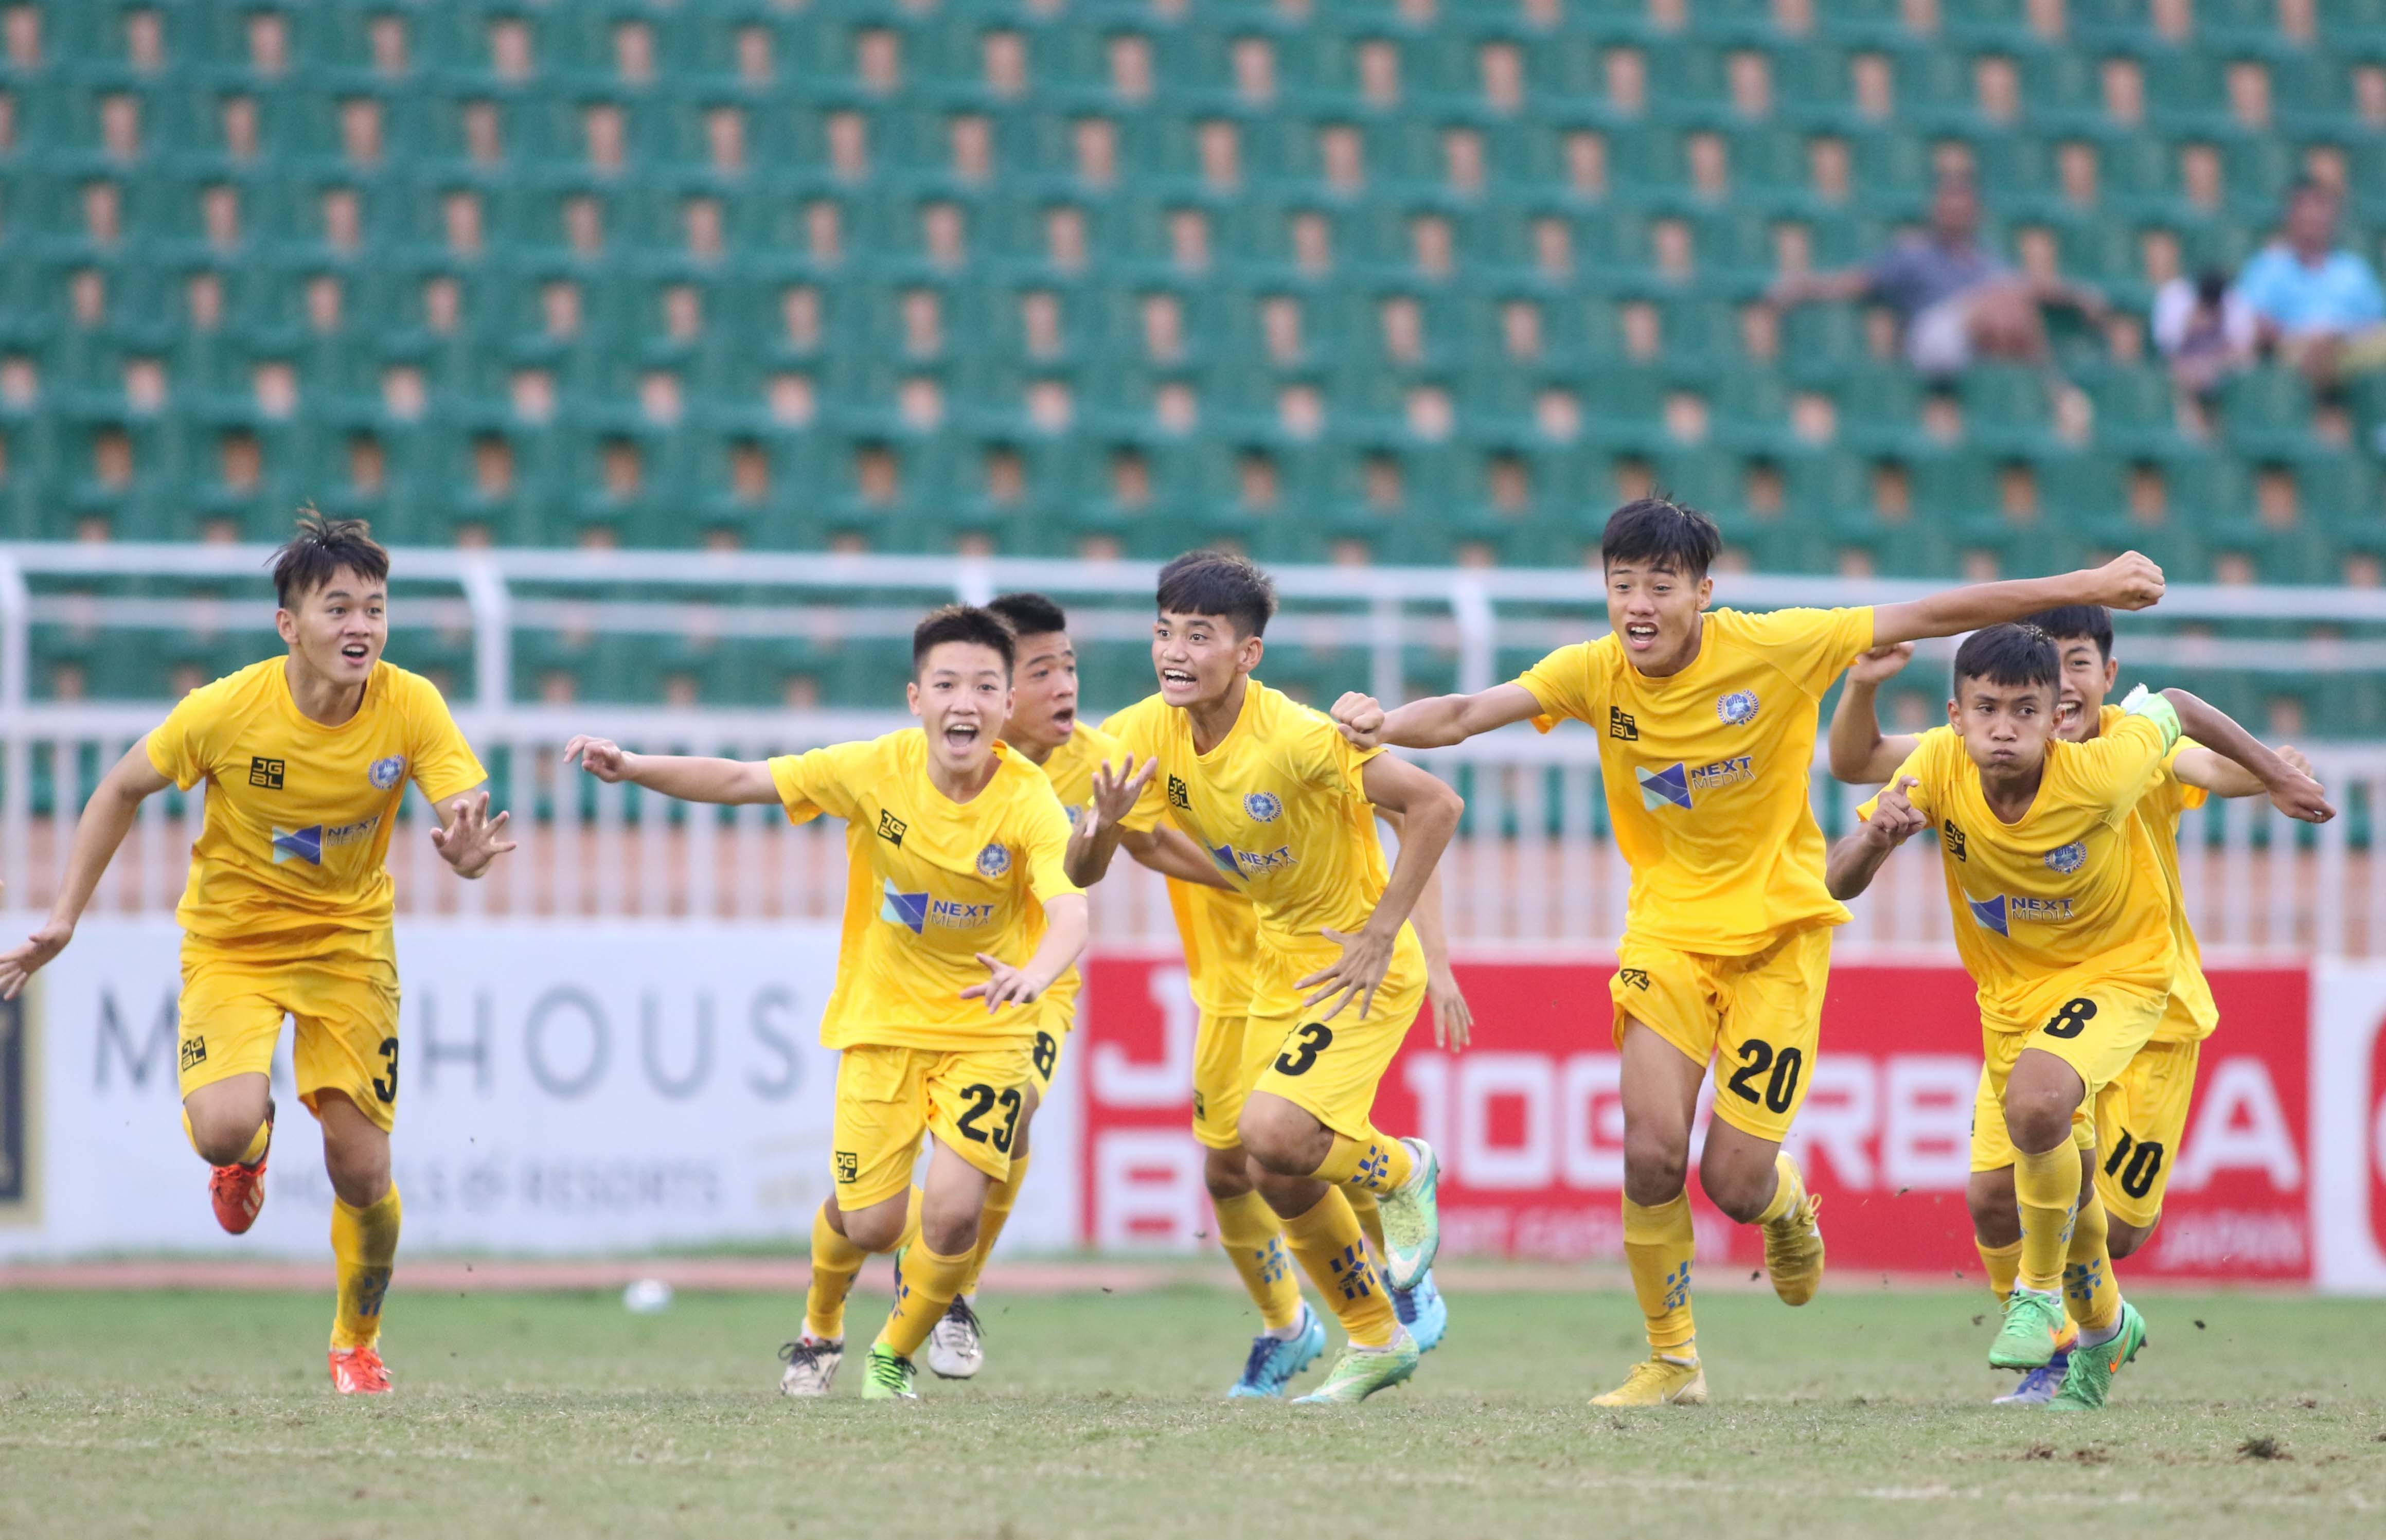 U15 Quốc gia 2019: Vượt qua Viettel, Thanh Hóa vào chung kết gặp SLNA Ảnh 3